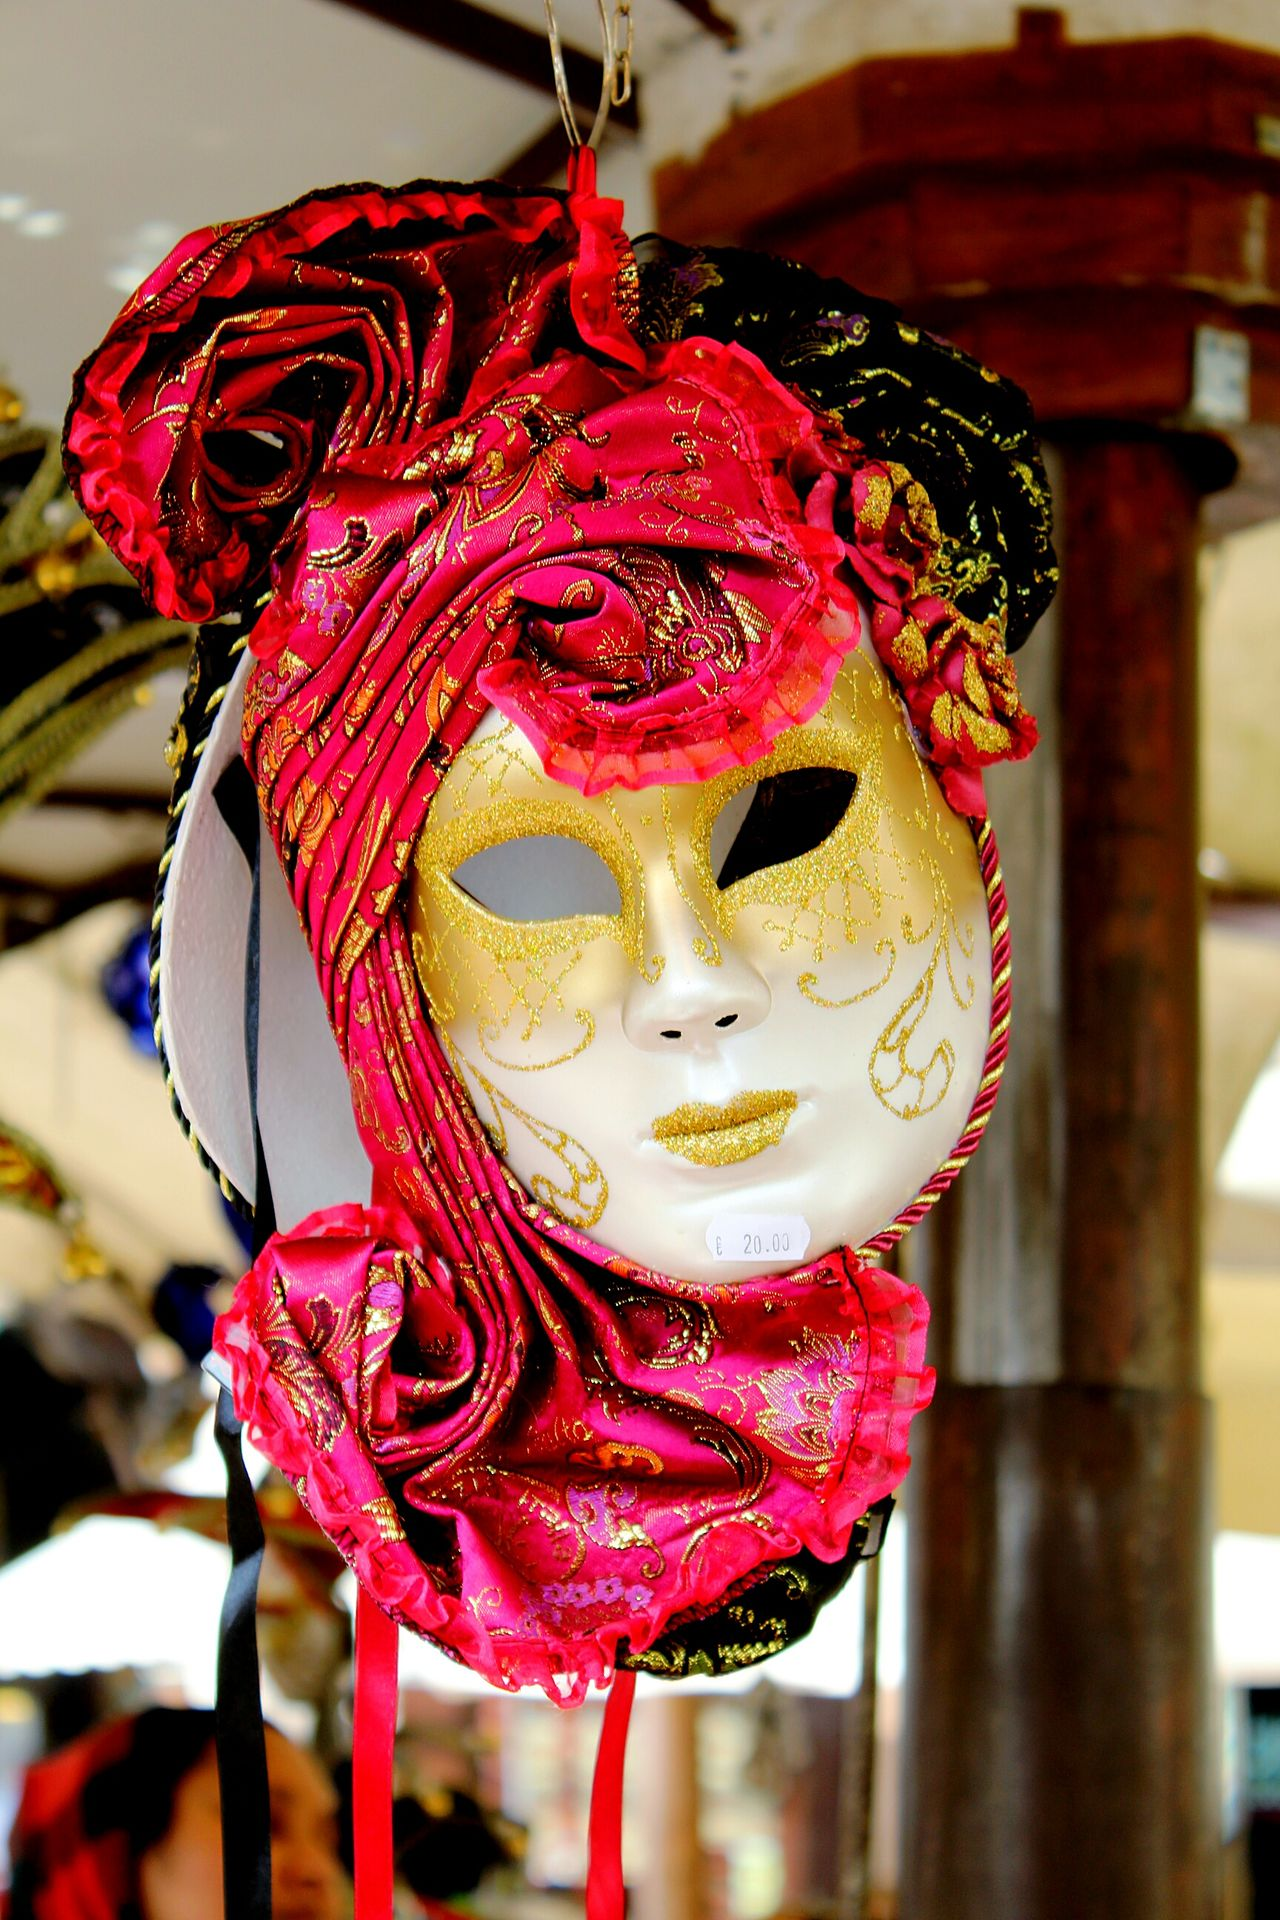 Mask Carneval Carnevale Di Venezia Venetian Mask Venice, Italy Venice Arts Culture And Entertainment Culture Italy Colourful Colorful Bright Bright Colors